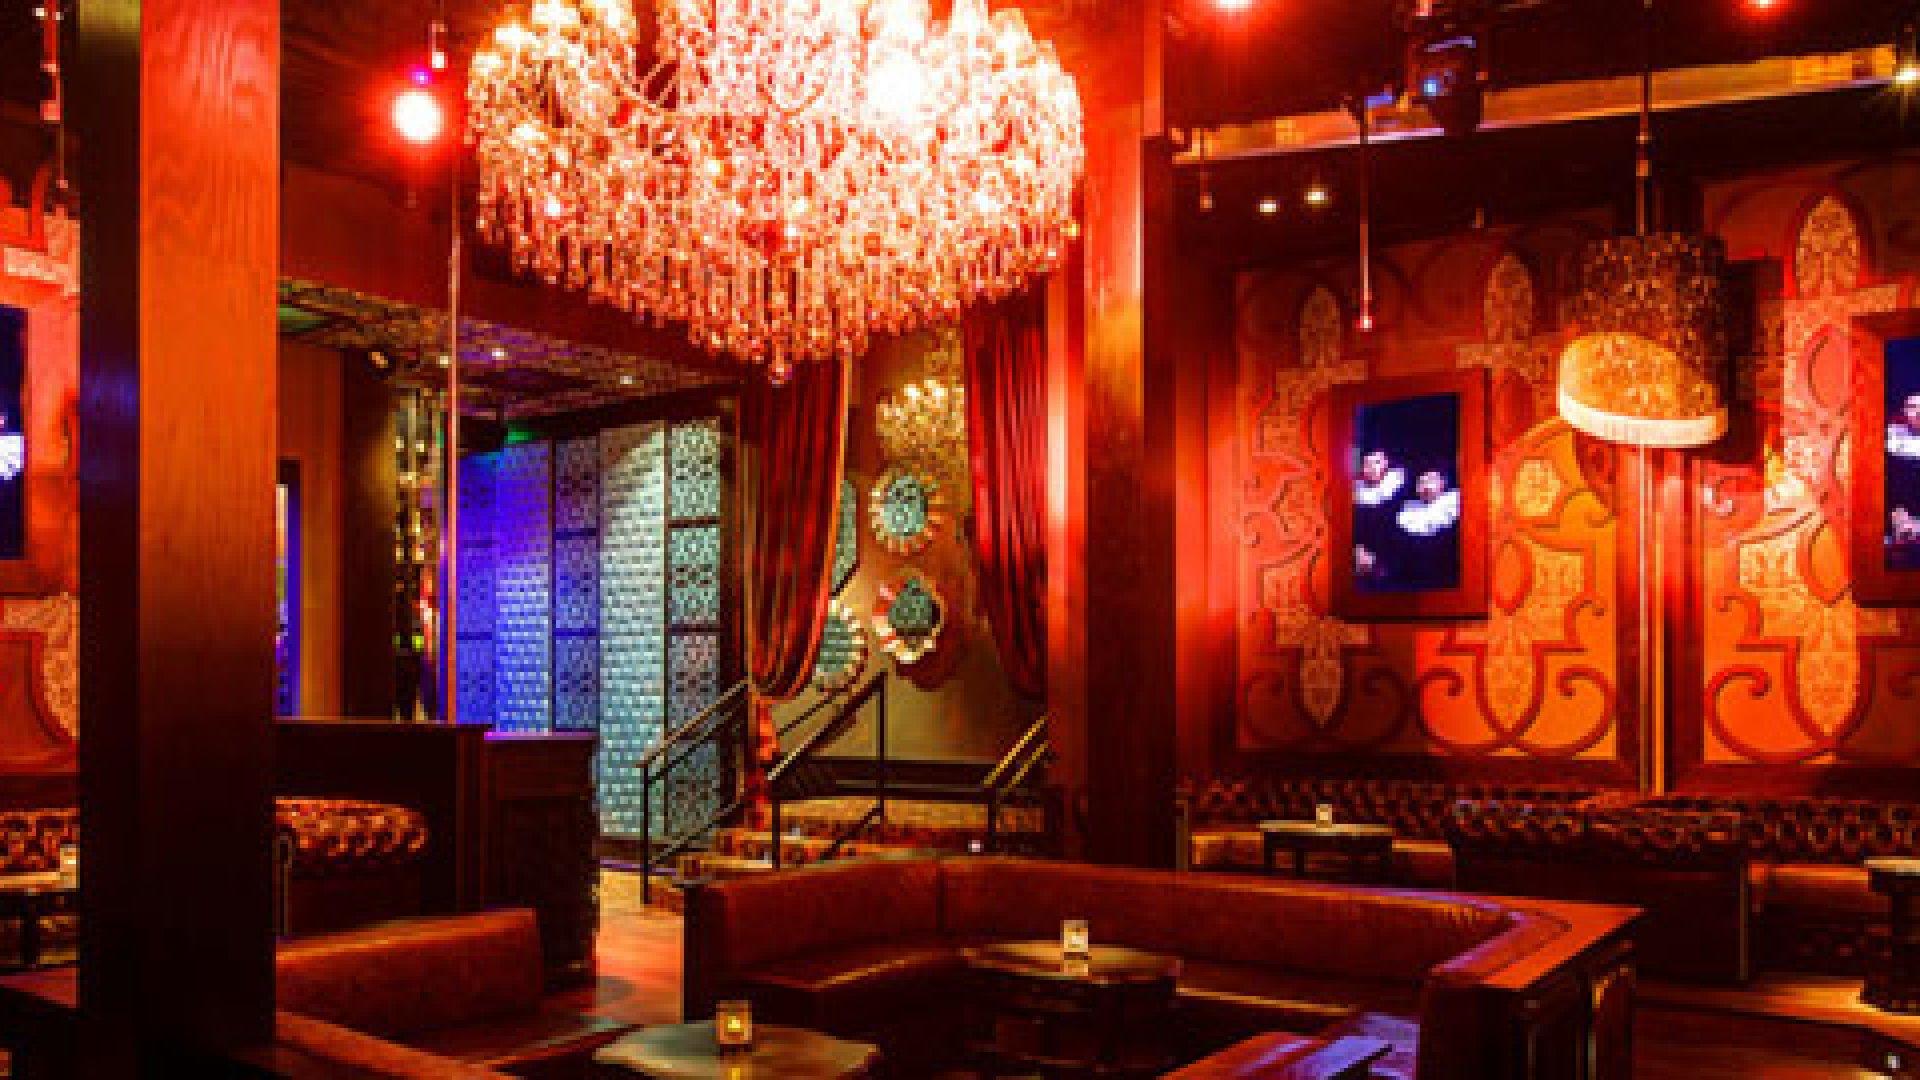 AV Nightclub in Hollywood